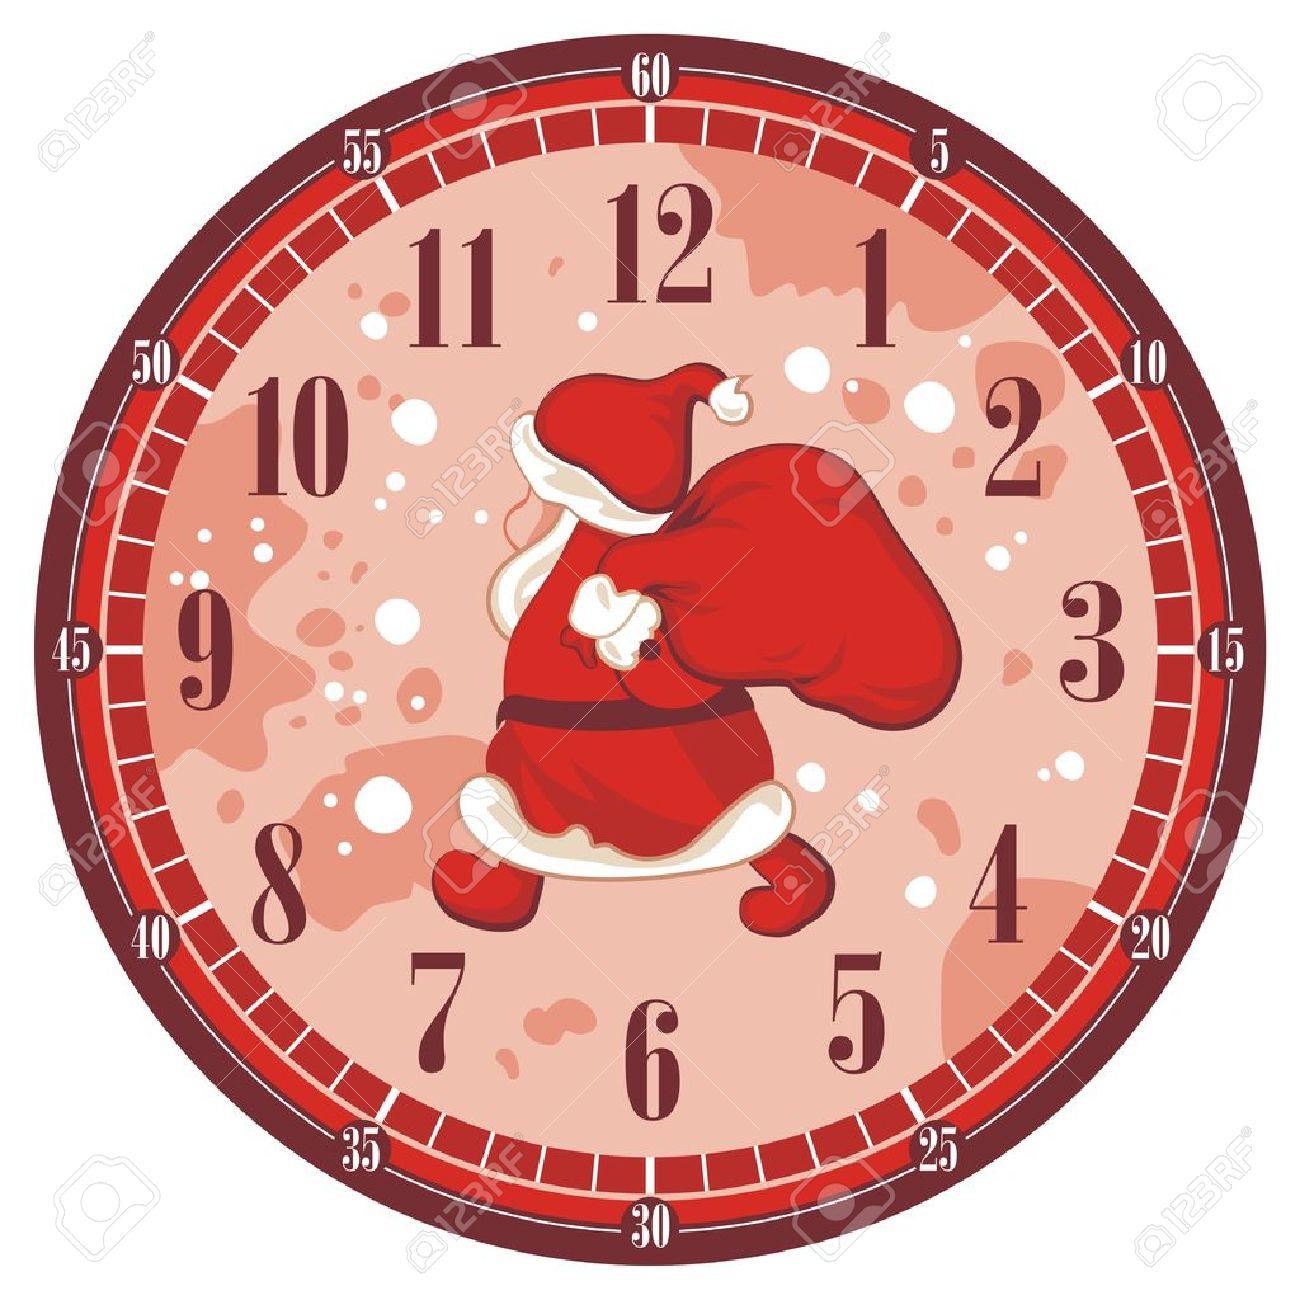 clock face cartoon stock photos u0026 pictures royalty free clock